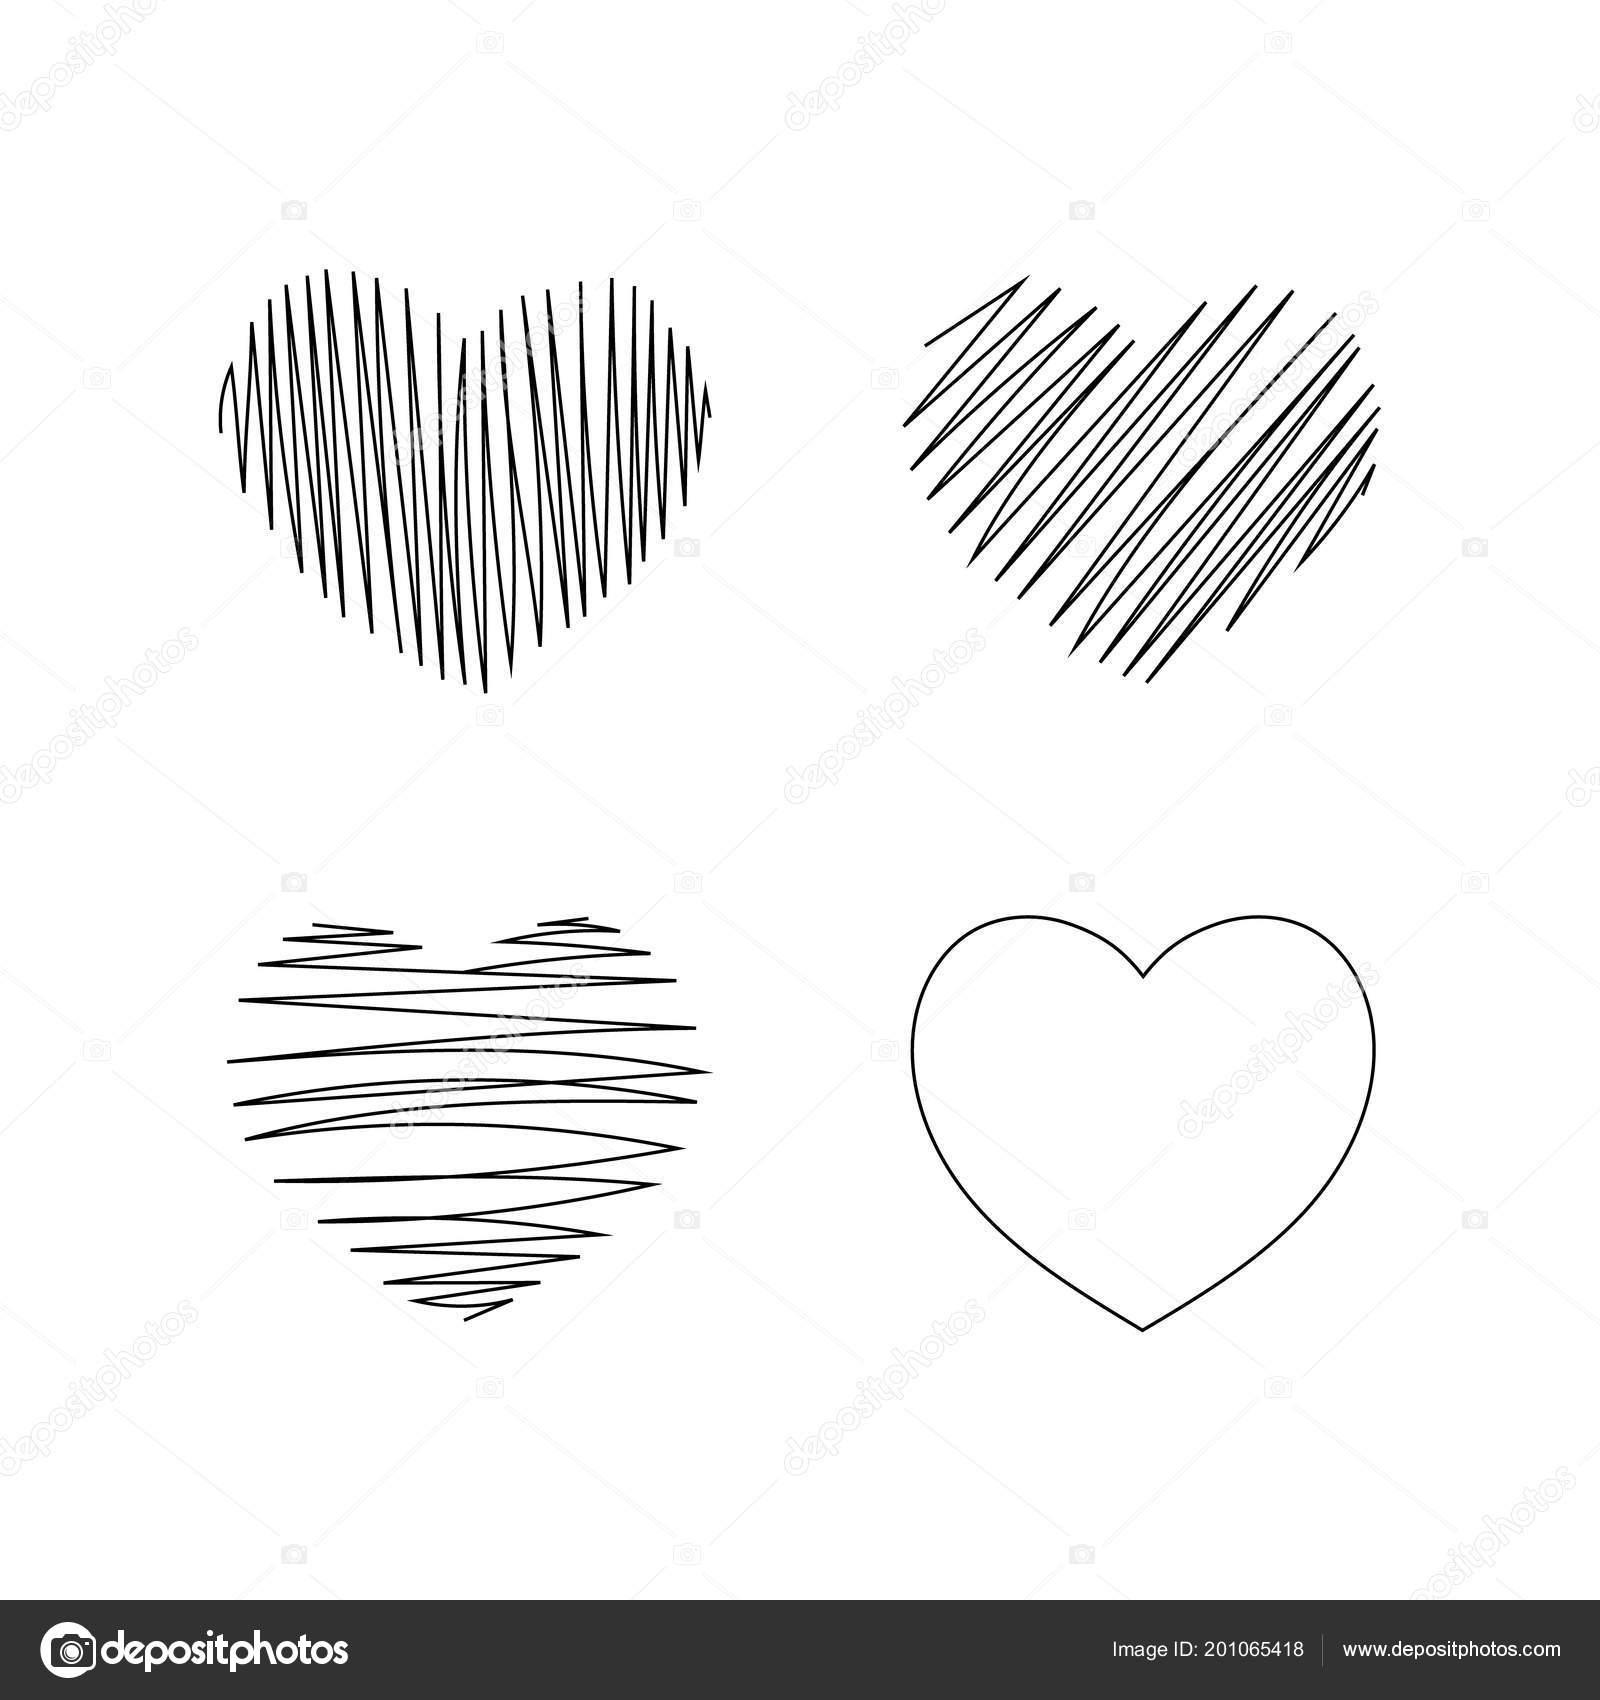 Cuatro Dibujos Corazones Para Febrero Día San Valentín Vector De